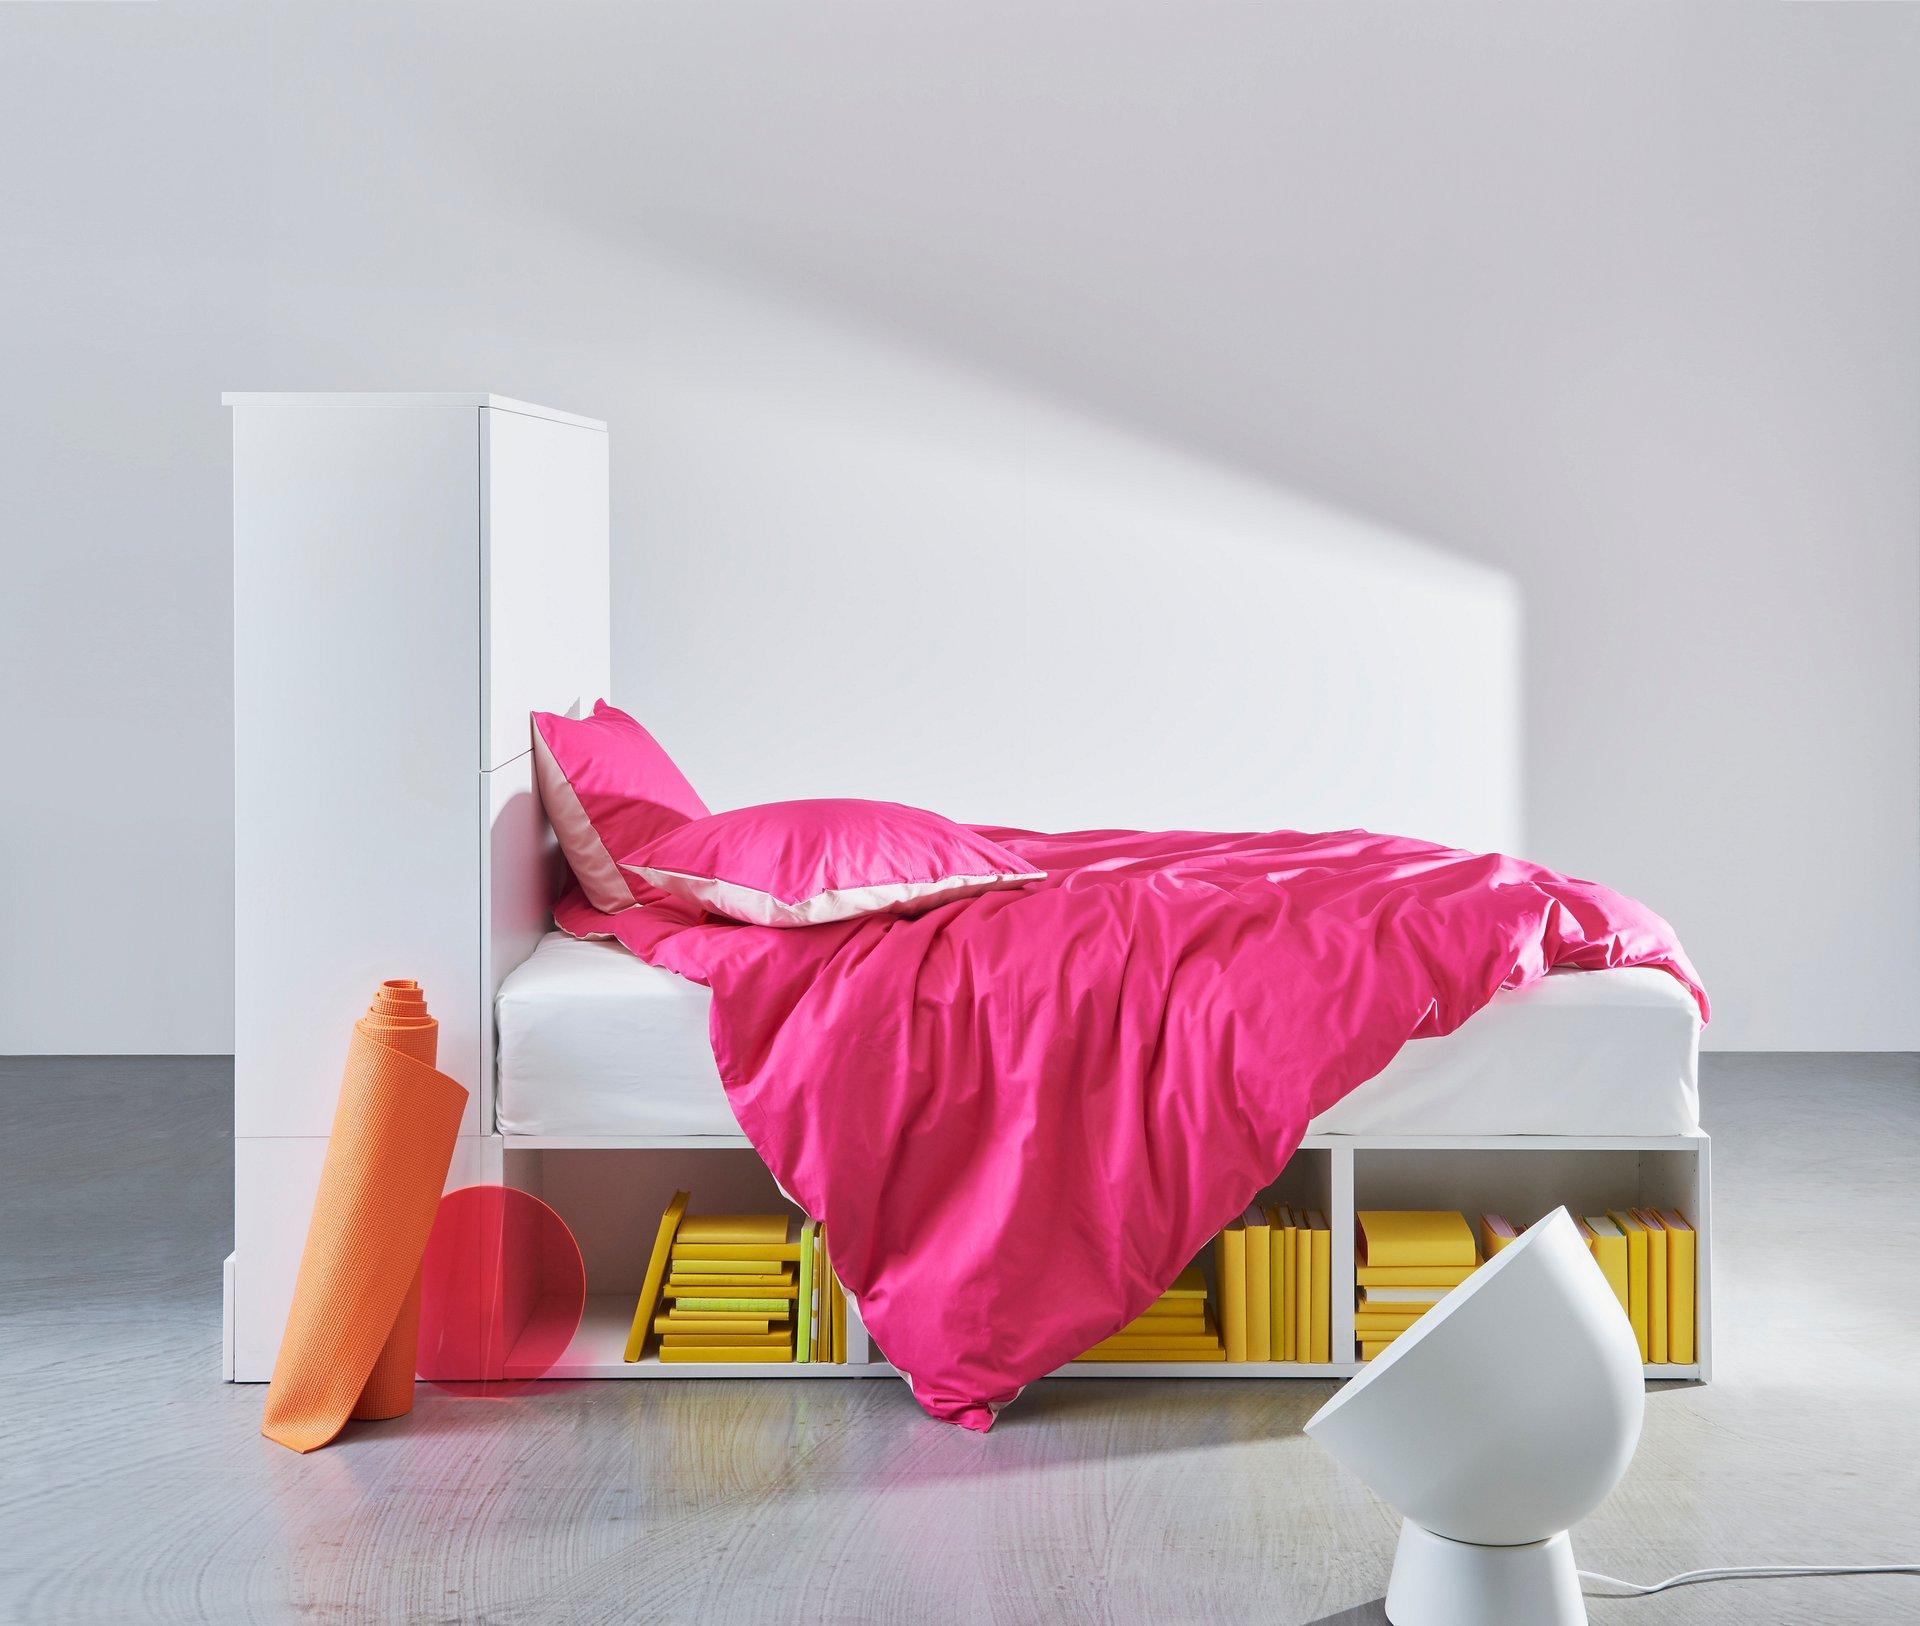 Powitaj dodatkową dawkę energii w twojej codzienności dzięki sierpniowym nowościom od IKEA